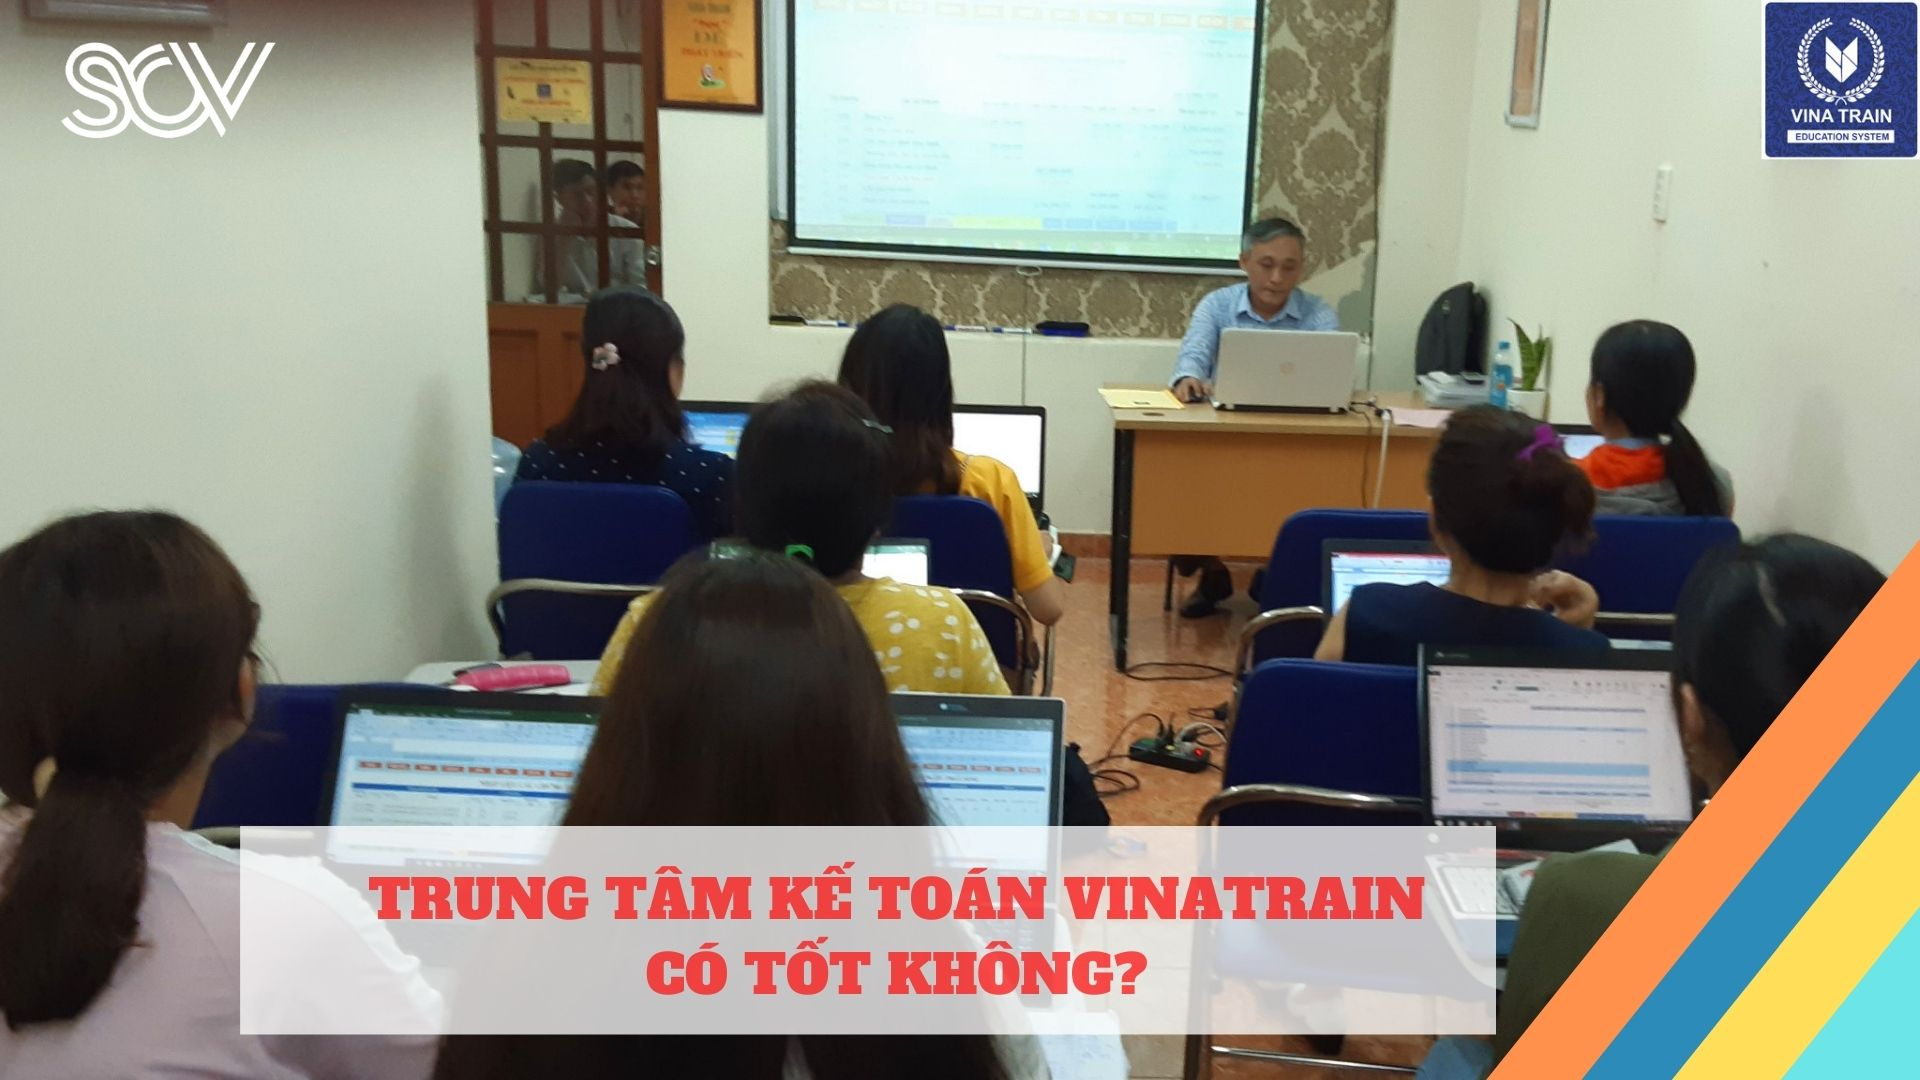 Trung tâm kế toán VinaTrain có tốt không